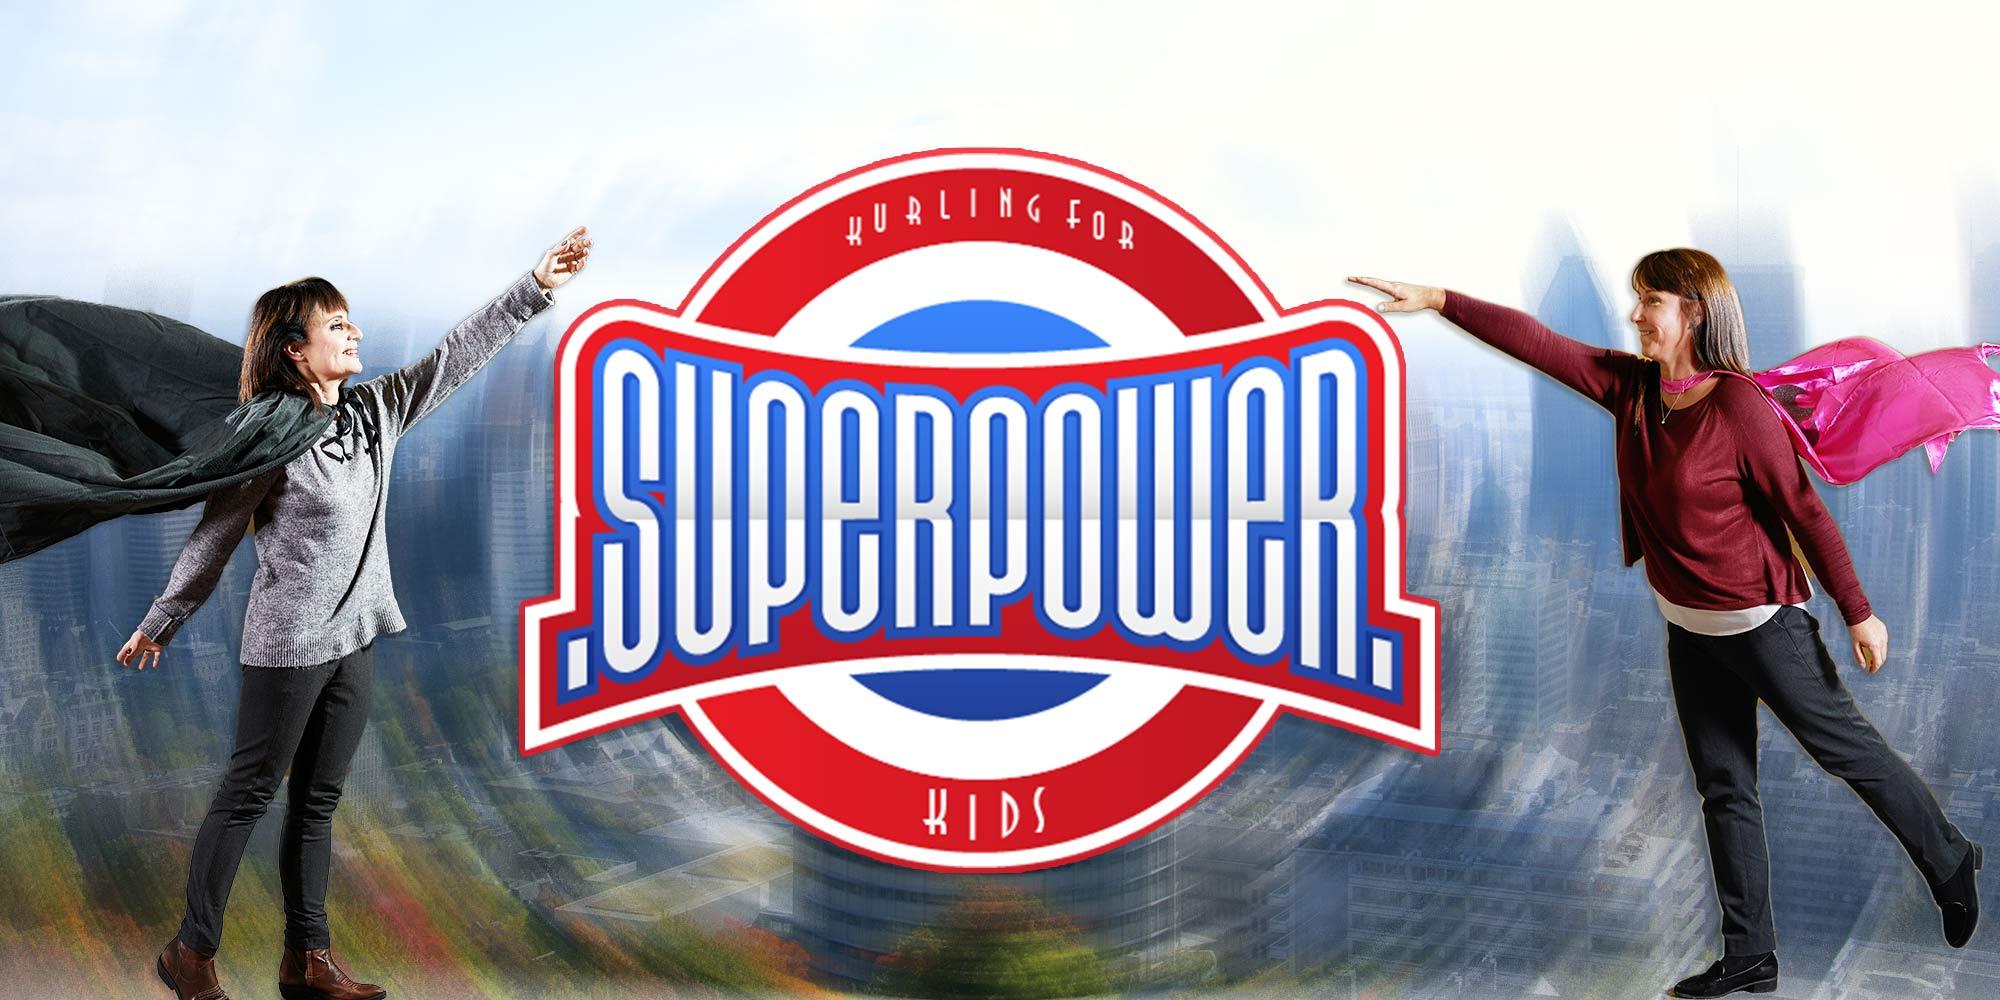 k4k superheroes